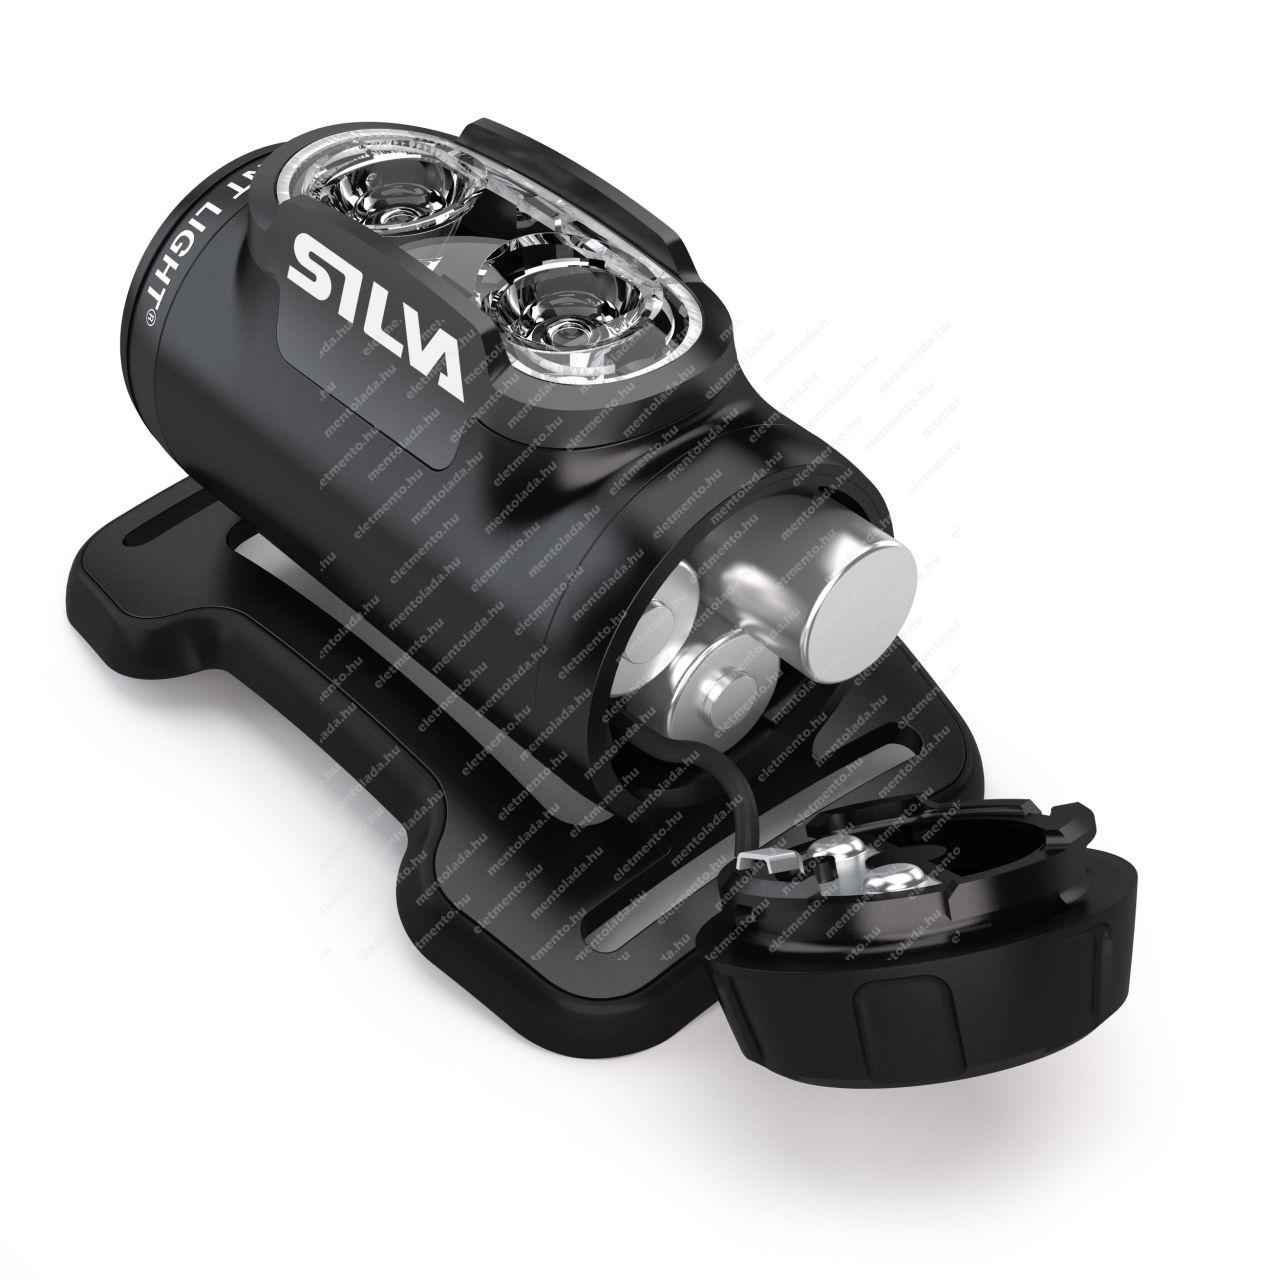 Silva Explore 3 kompakt, vízálló fejlámpa